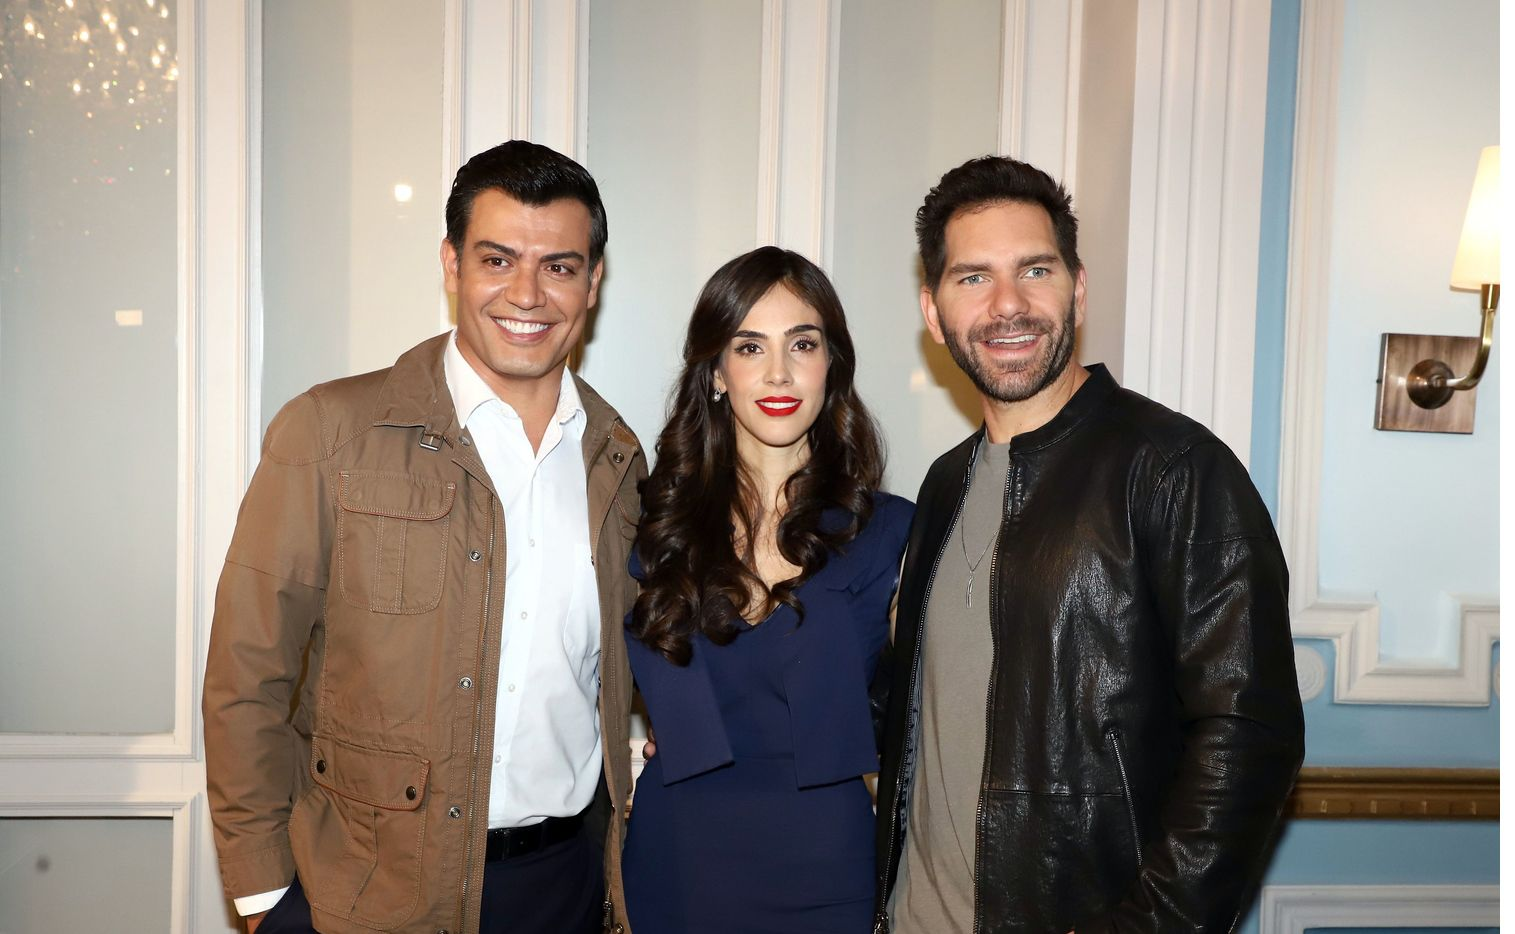 Junto a Andrés Palacios, Sandra Echeverría (centro) fungirá como Primera Dama en la ficción, en su rol como Paola.